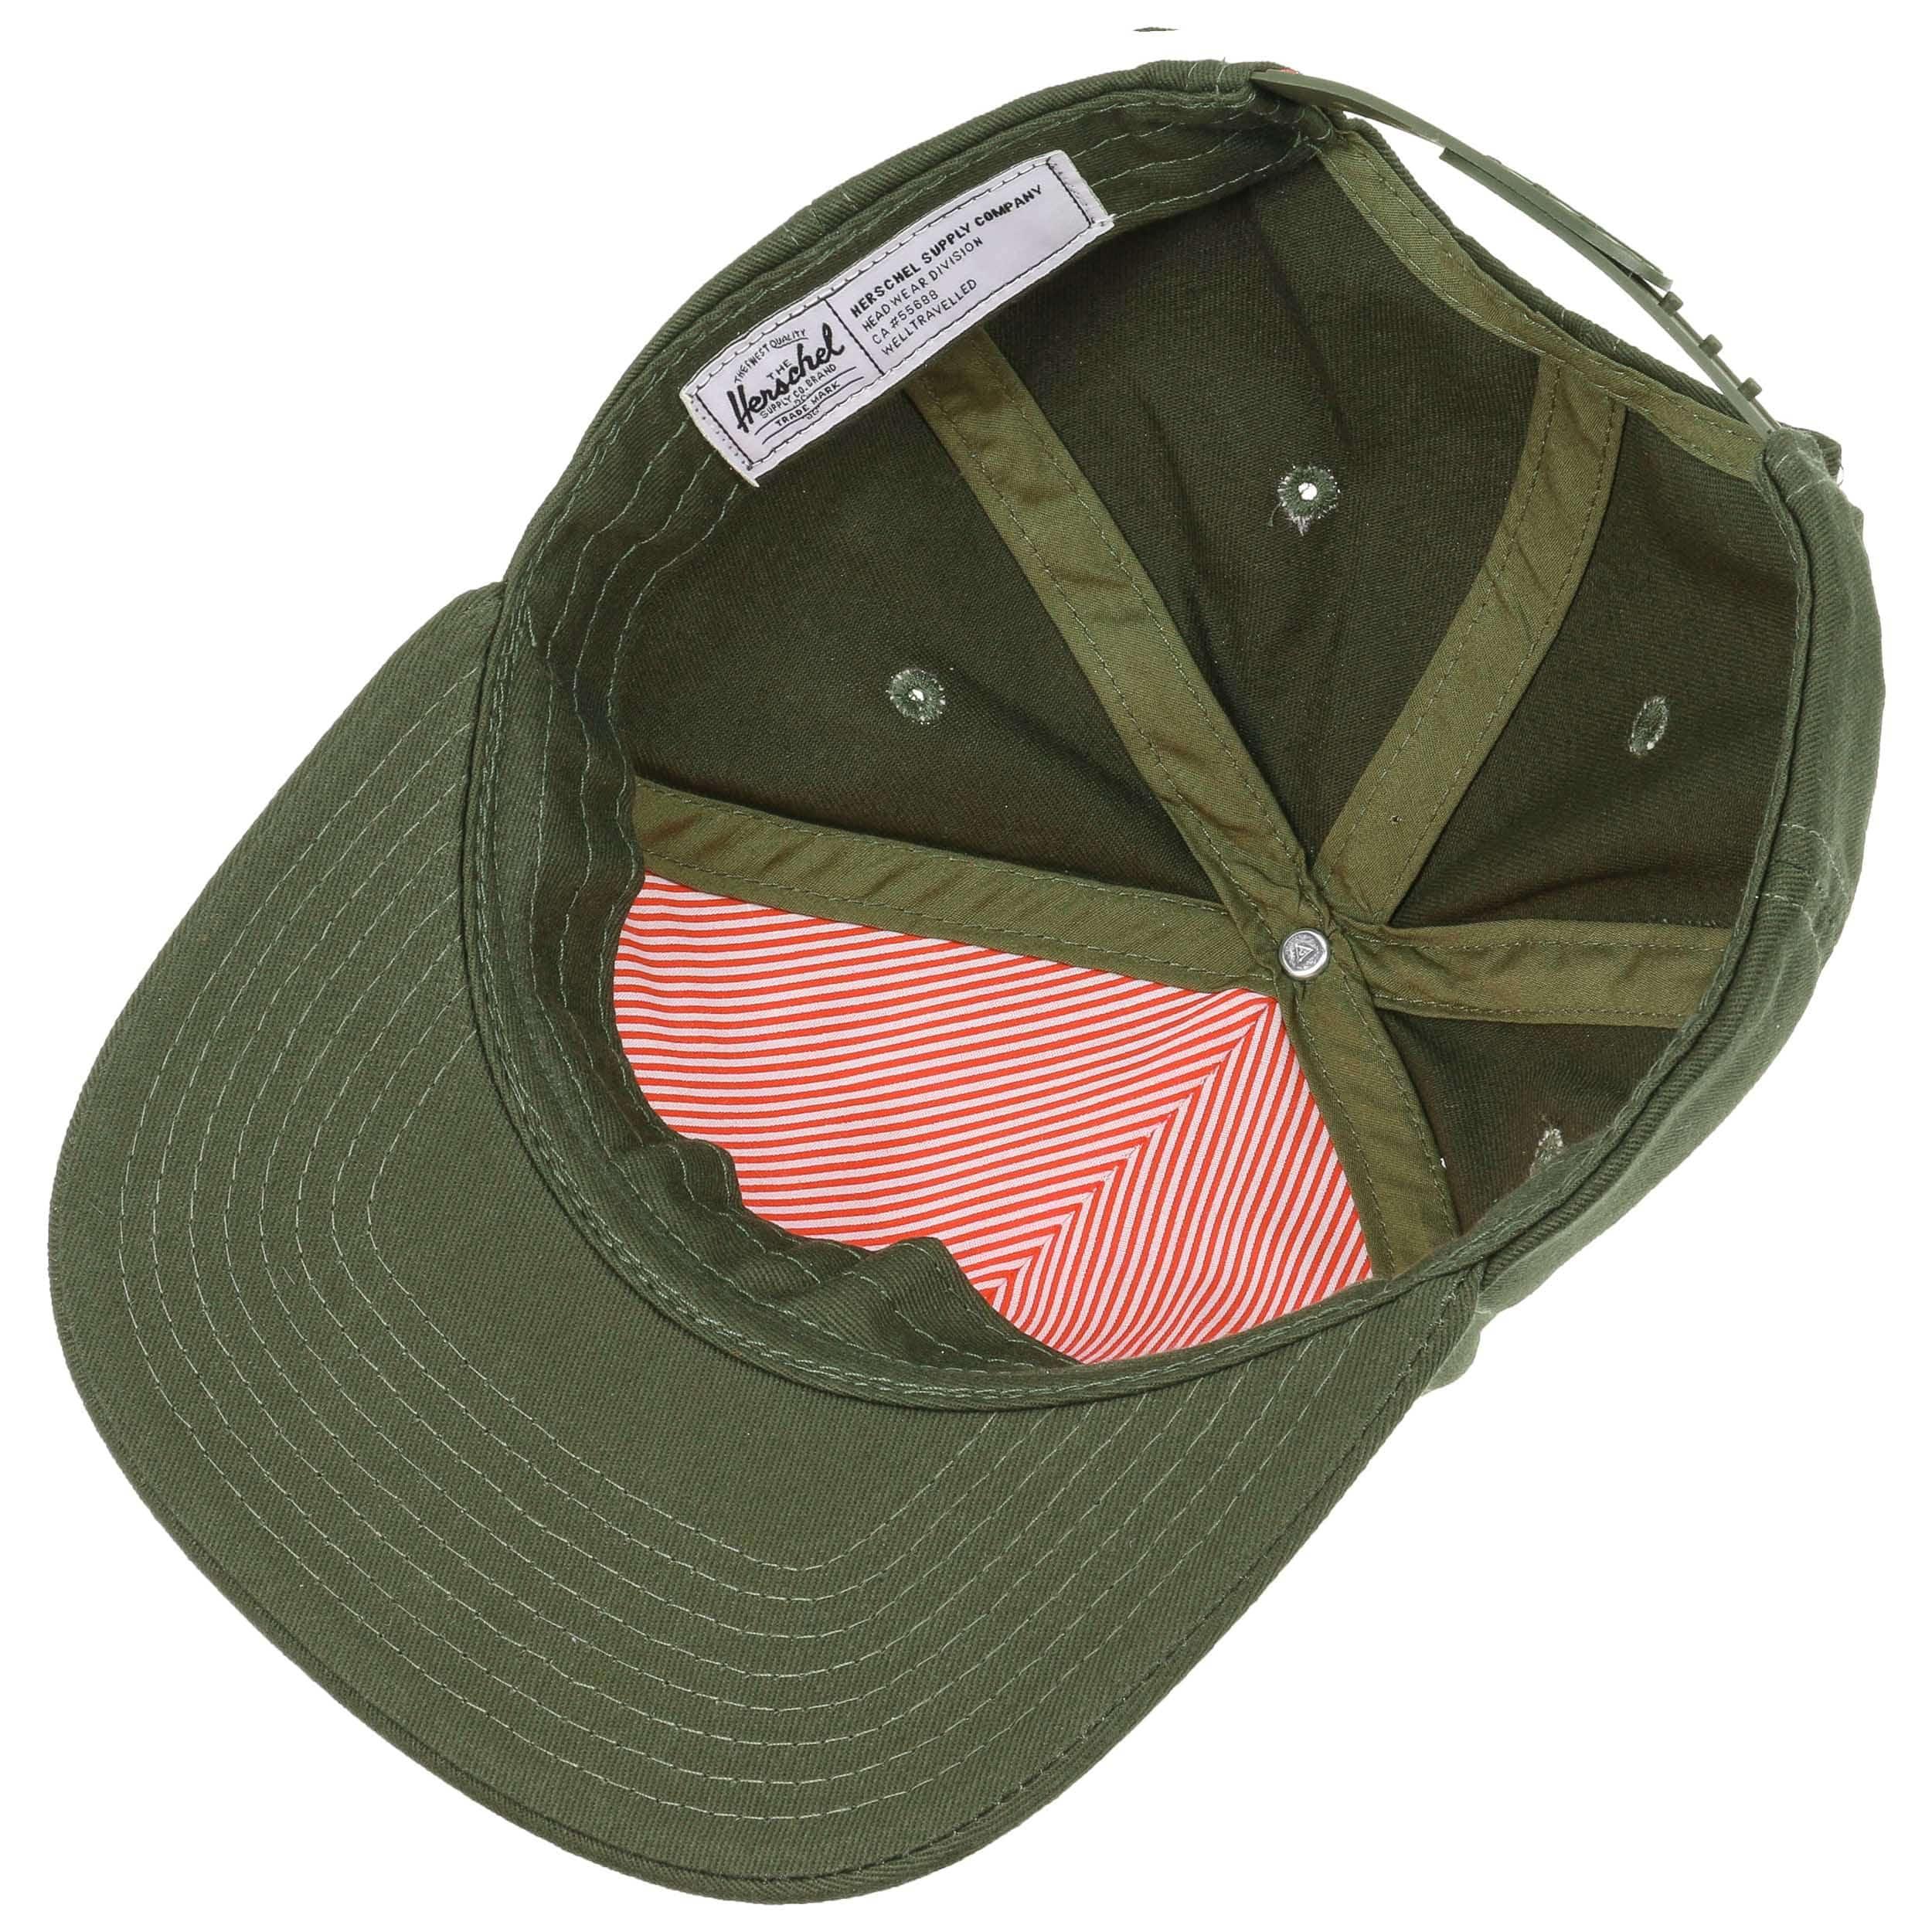 Gorra Plana Whaler Snapback by Herschel - Gorras - sombreroshop.es aaea0ef99c9